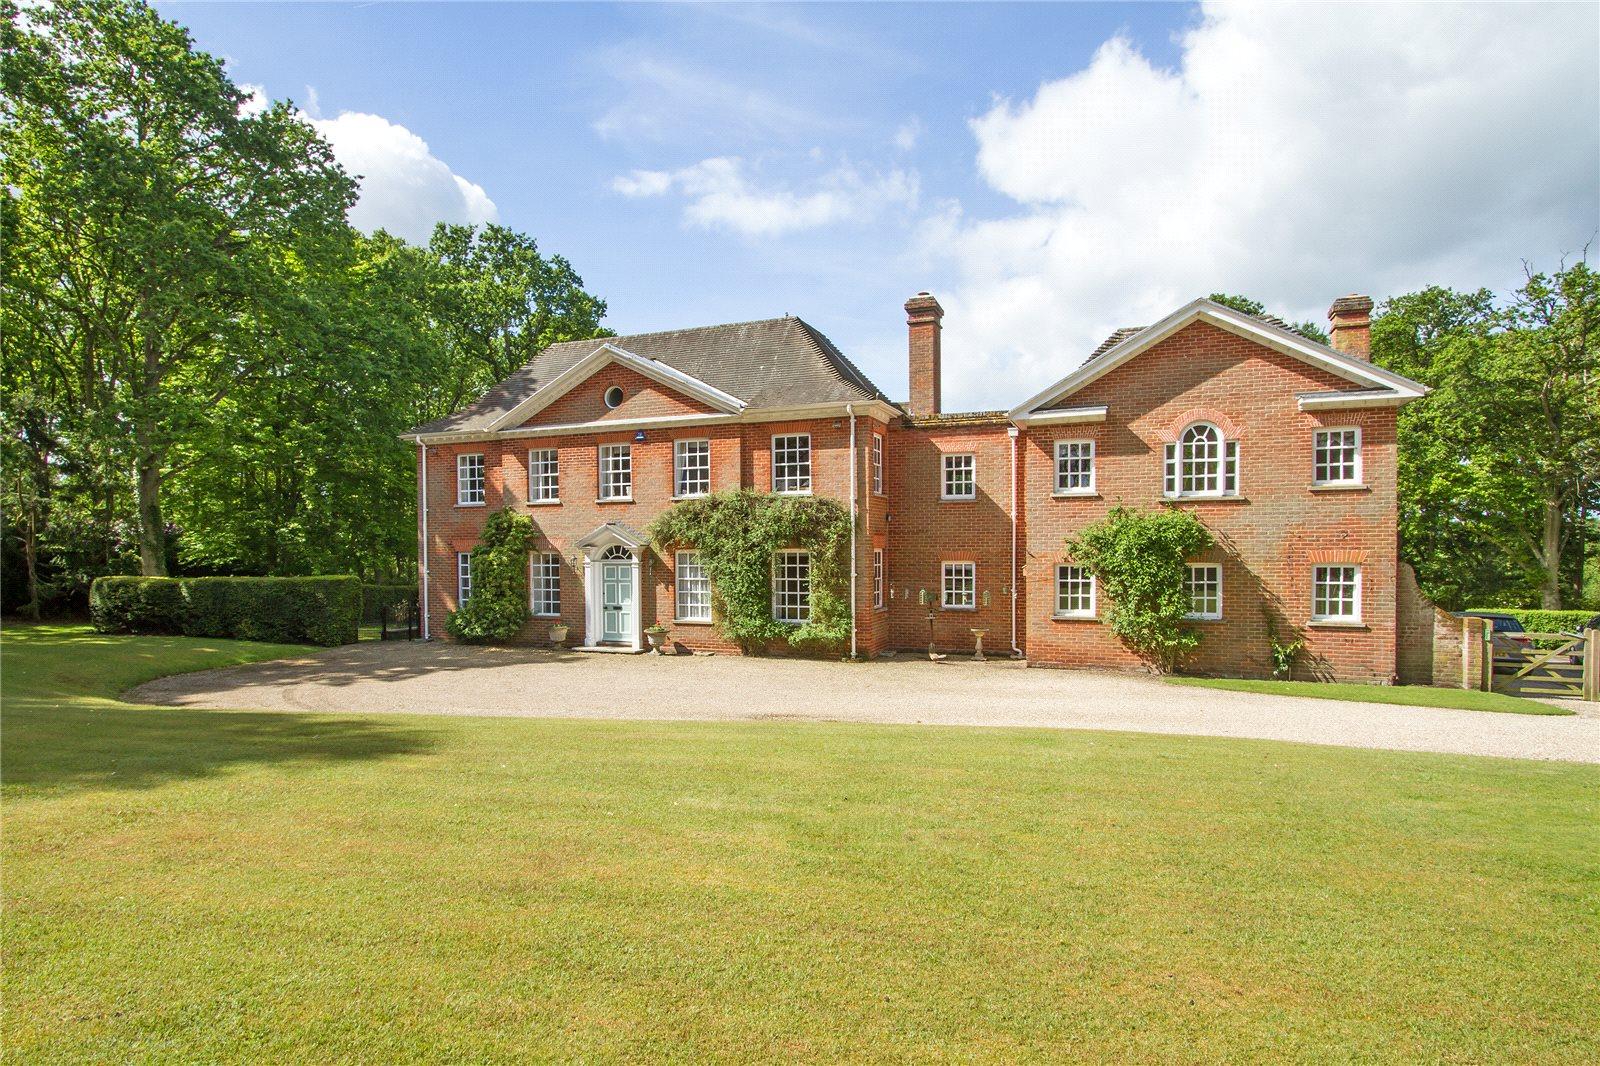 Nhà ở một gia đình vì Bán tại Kiln Lane, Farley Hill, Reading, Berkshire, RG7 Reading, Anh Quốc